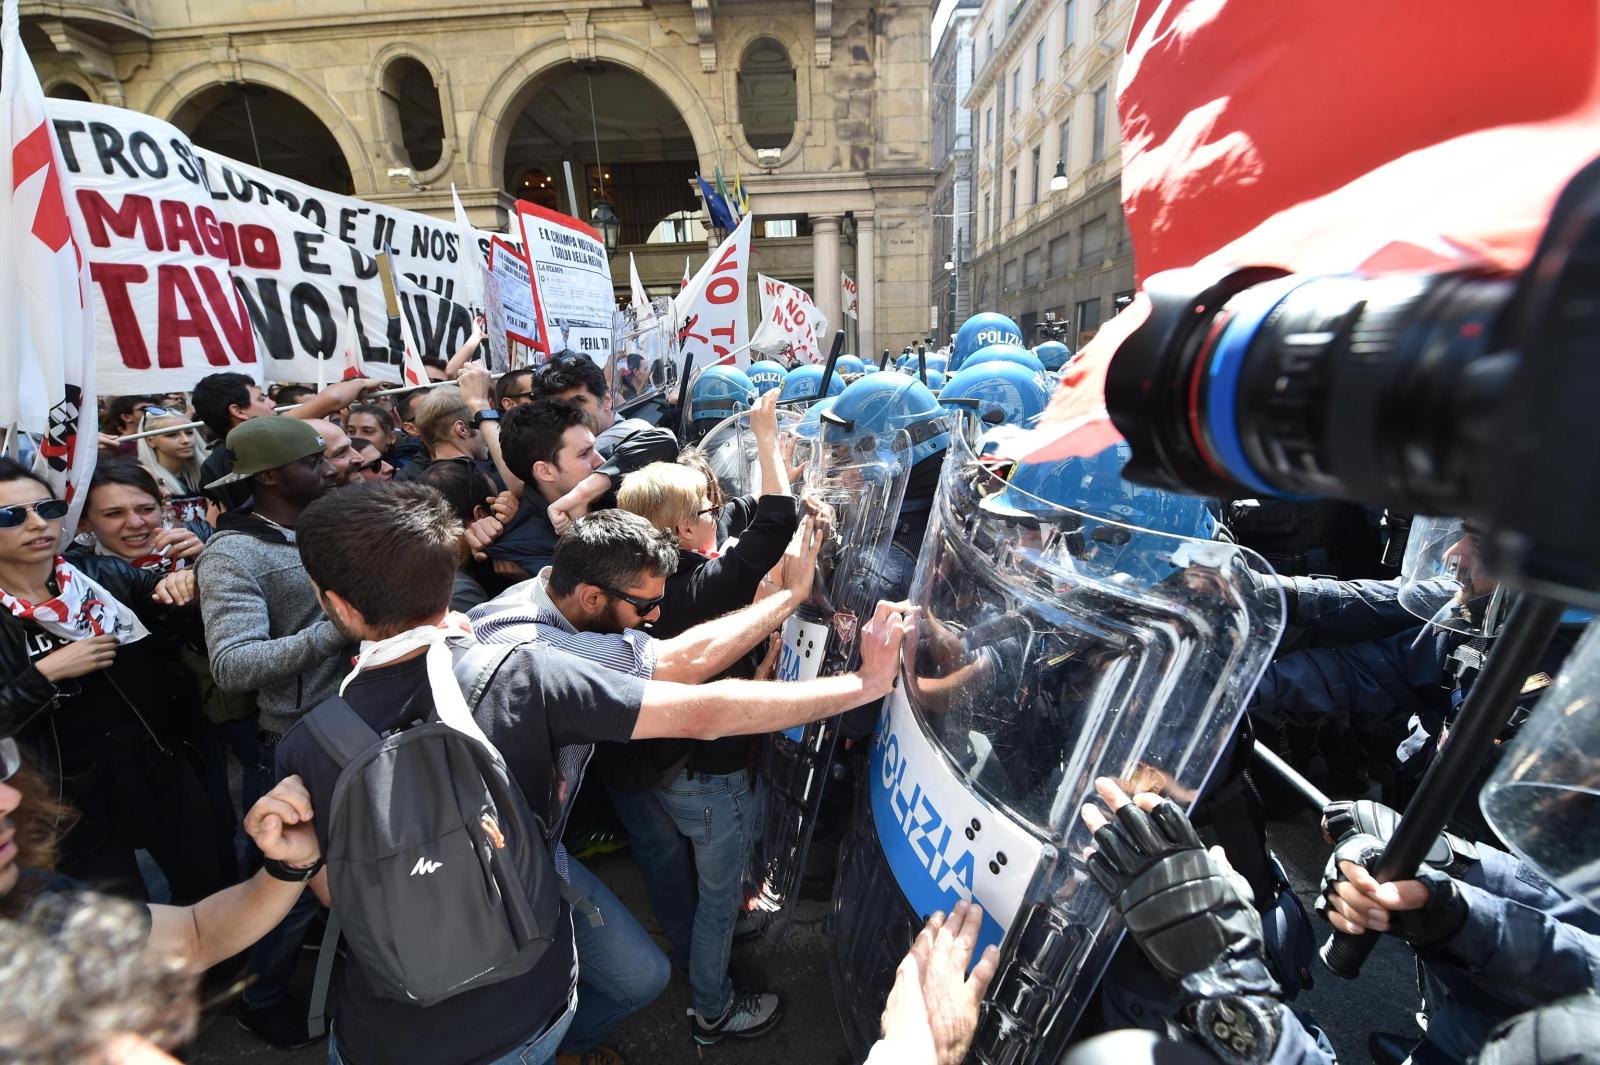 Święto Pracy we Włoszech  EPA/DI MARCO